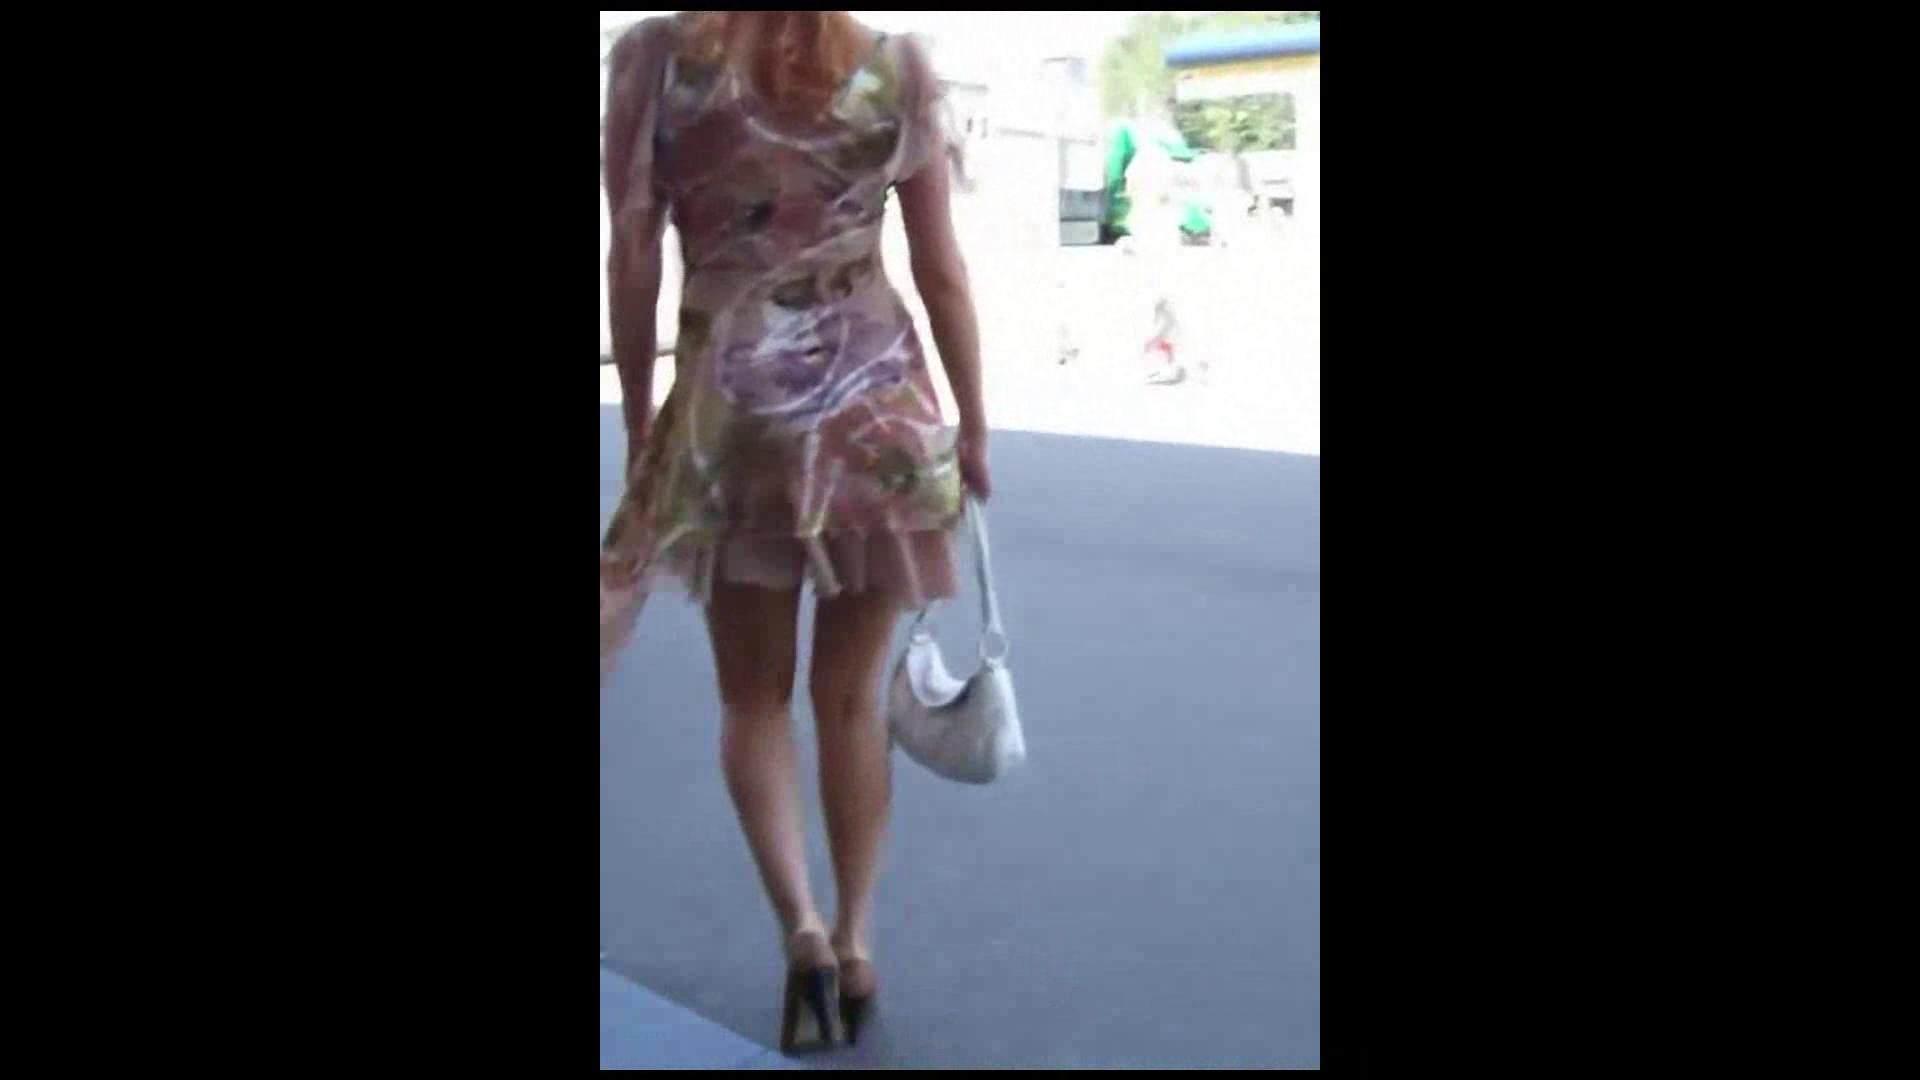 綺麗なモデルさんのスカート捲っちゃおう‼vol03 お姉さんのエロ生活  98連発 60